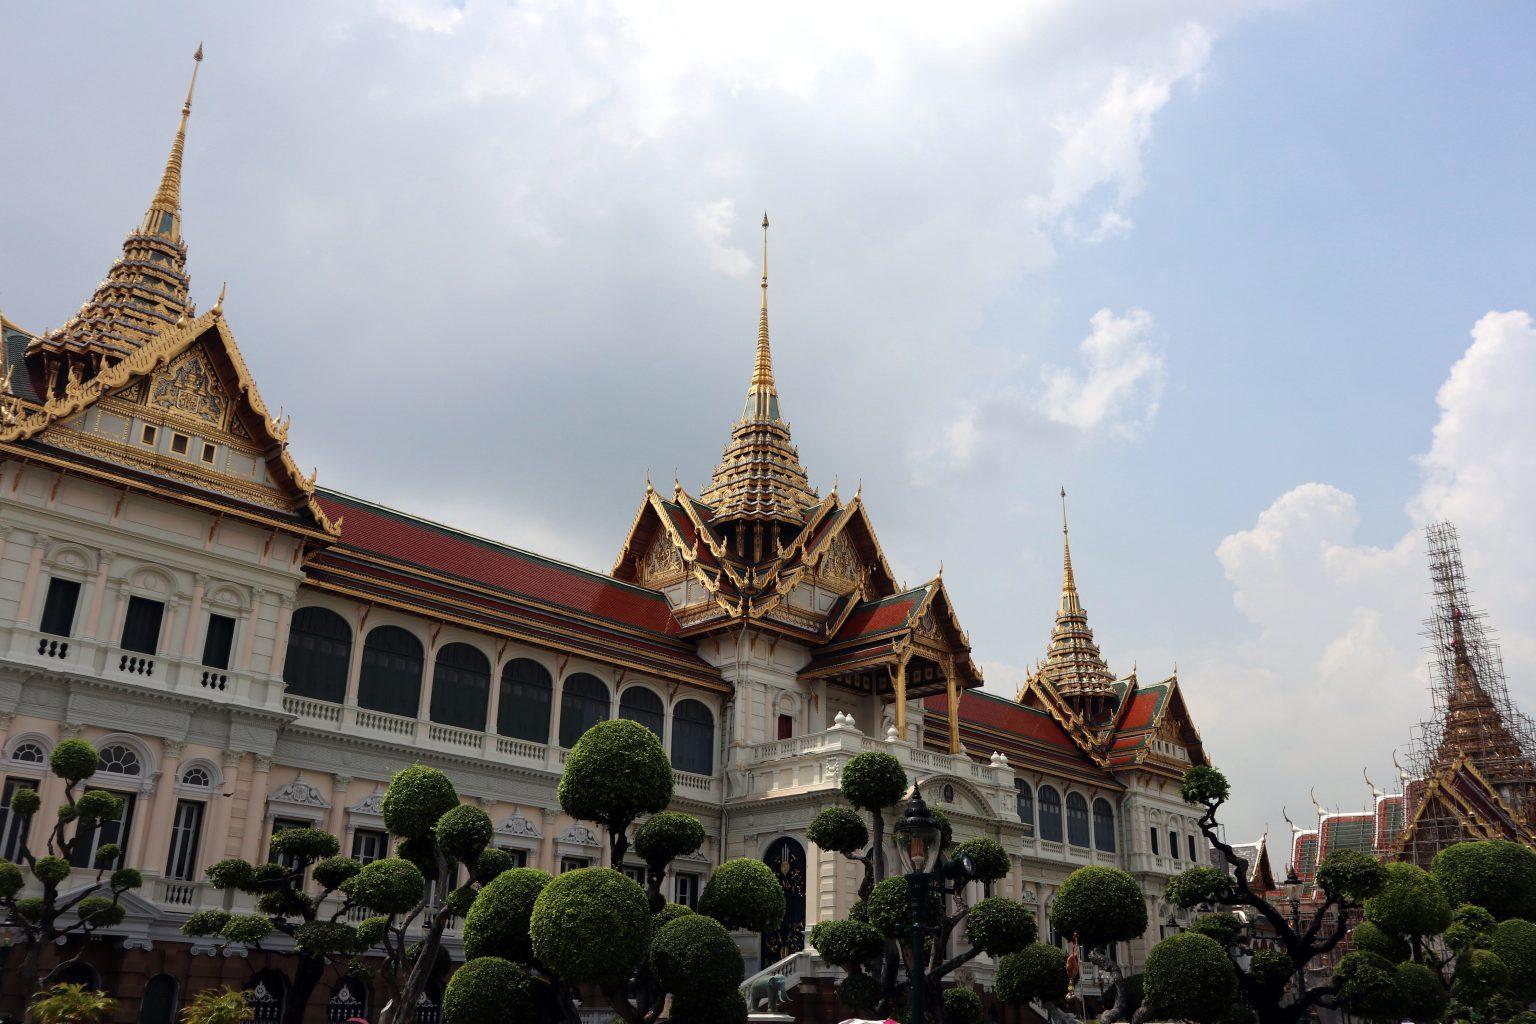 afueras del Palacio Real. templos de Bangkok